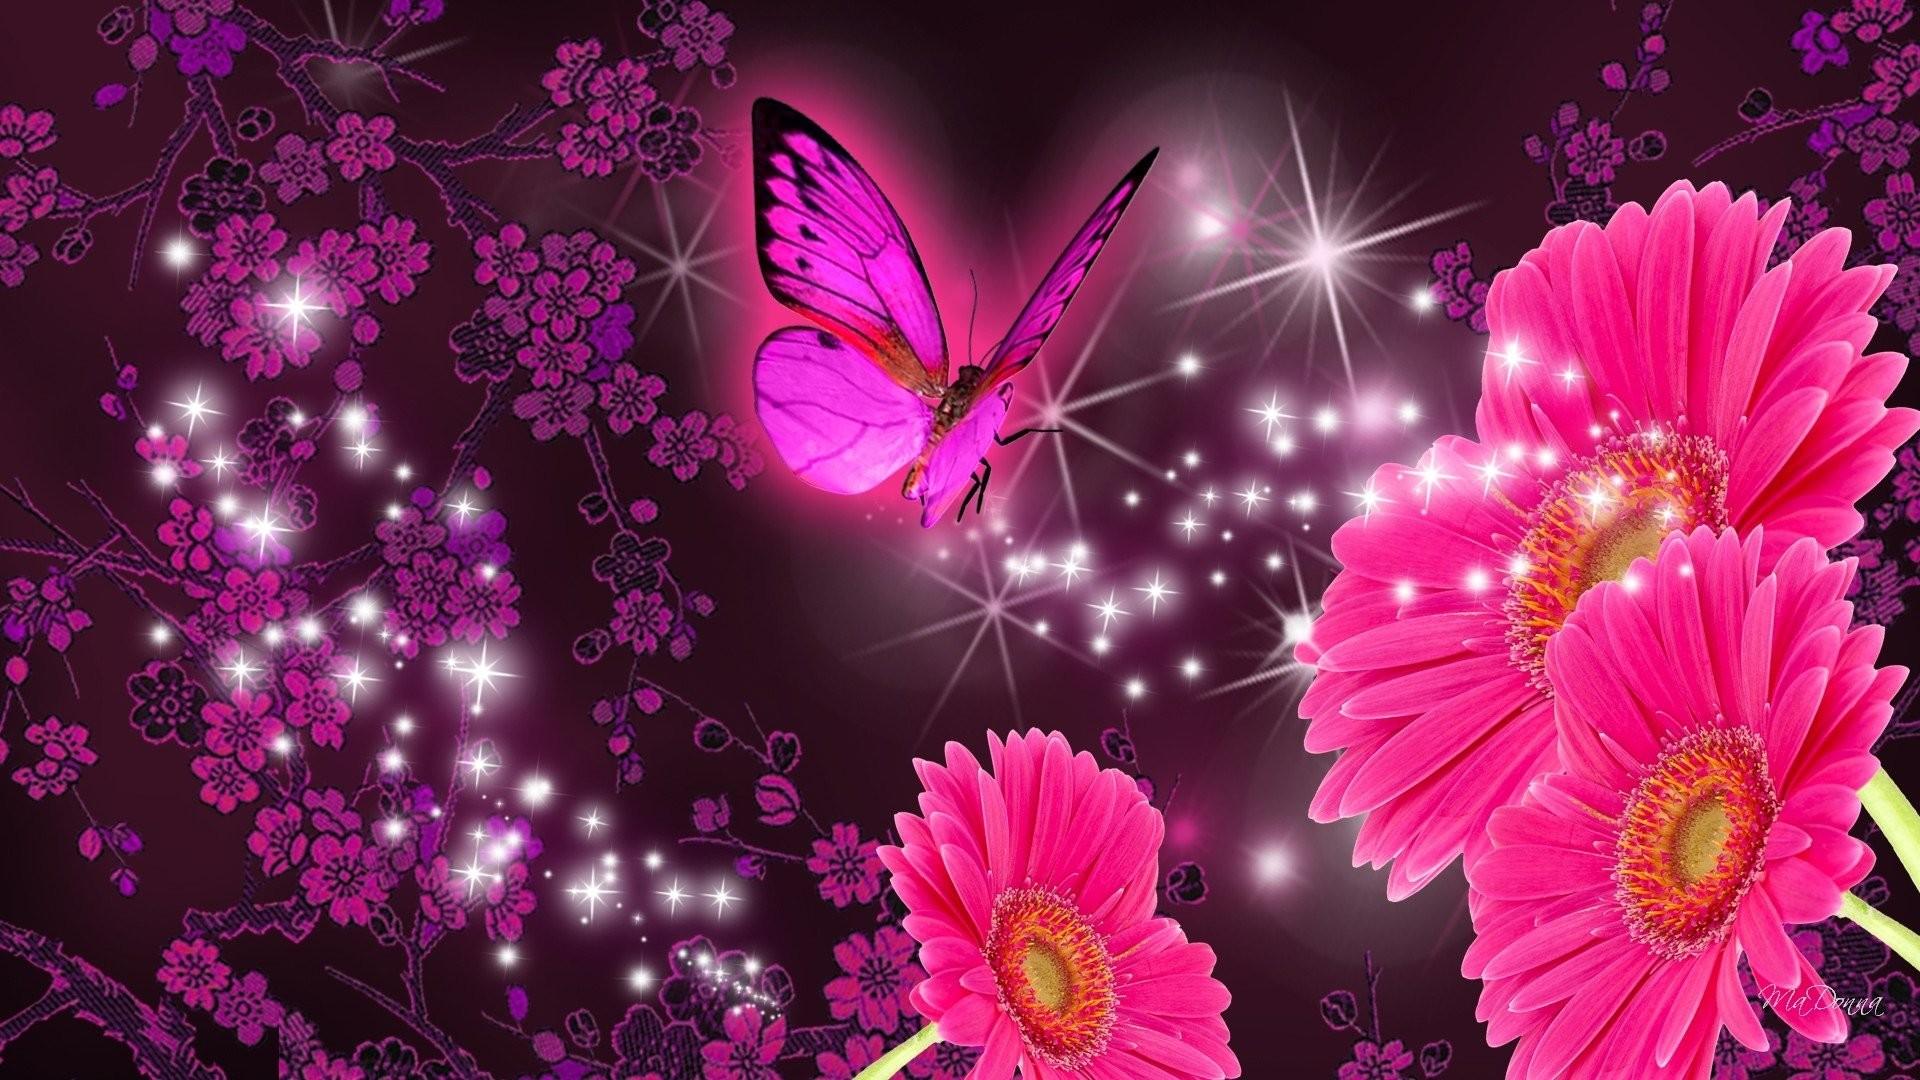 Artistic – Flower Artistic Gerbera Daisy Butterfly Sparkles Wallpaper